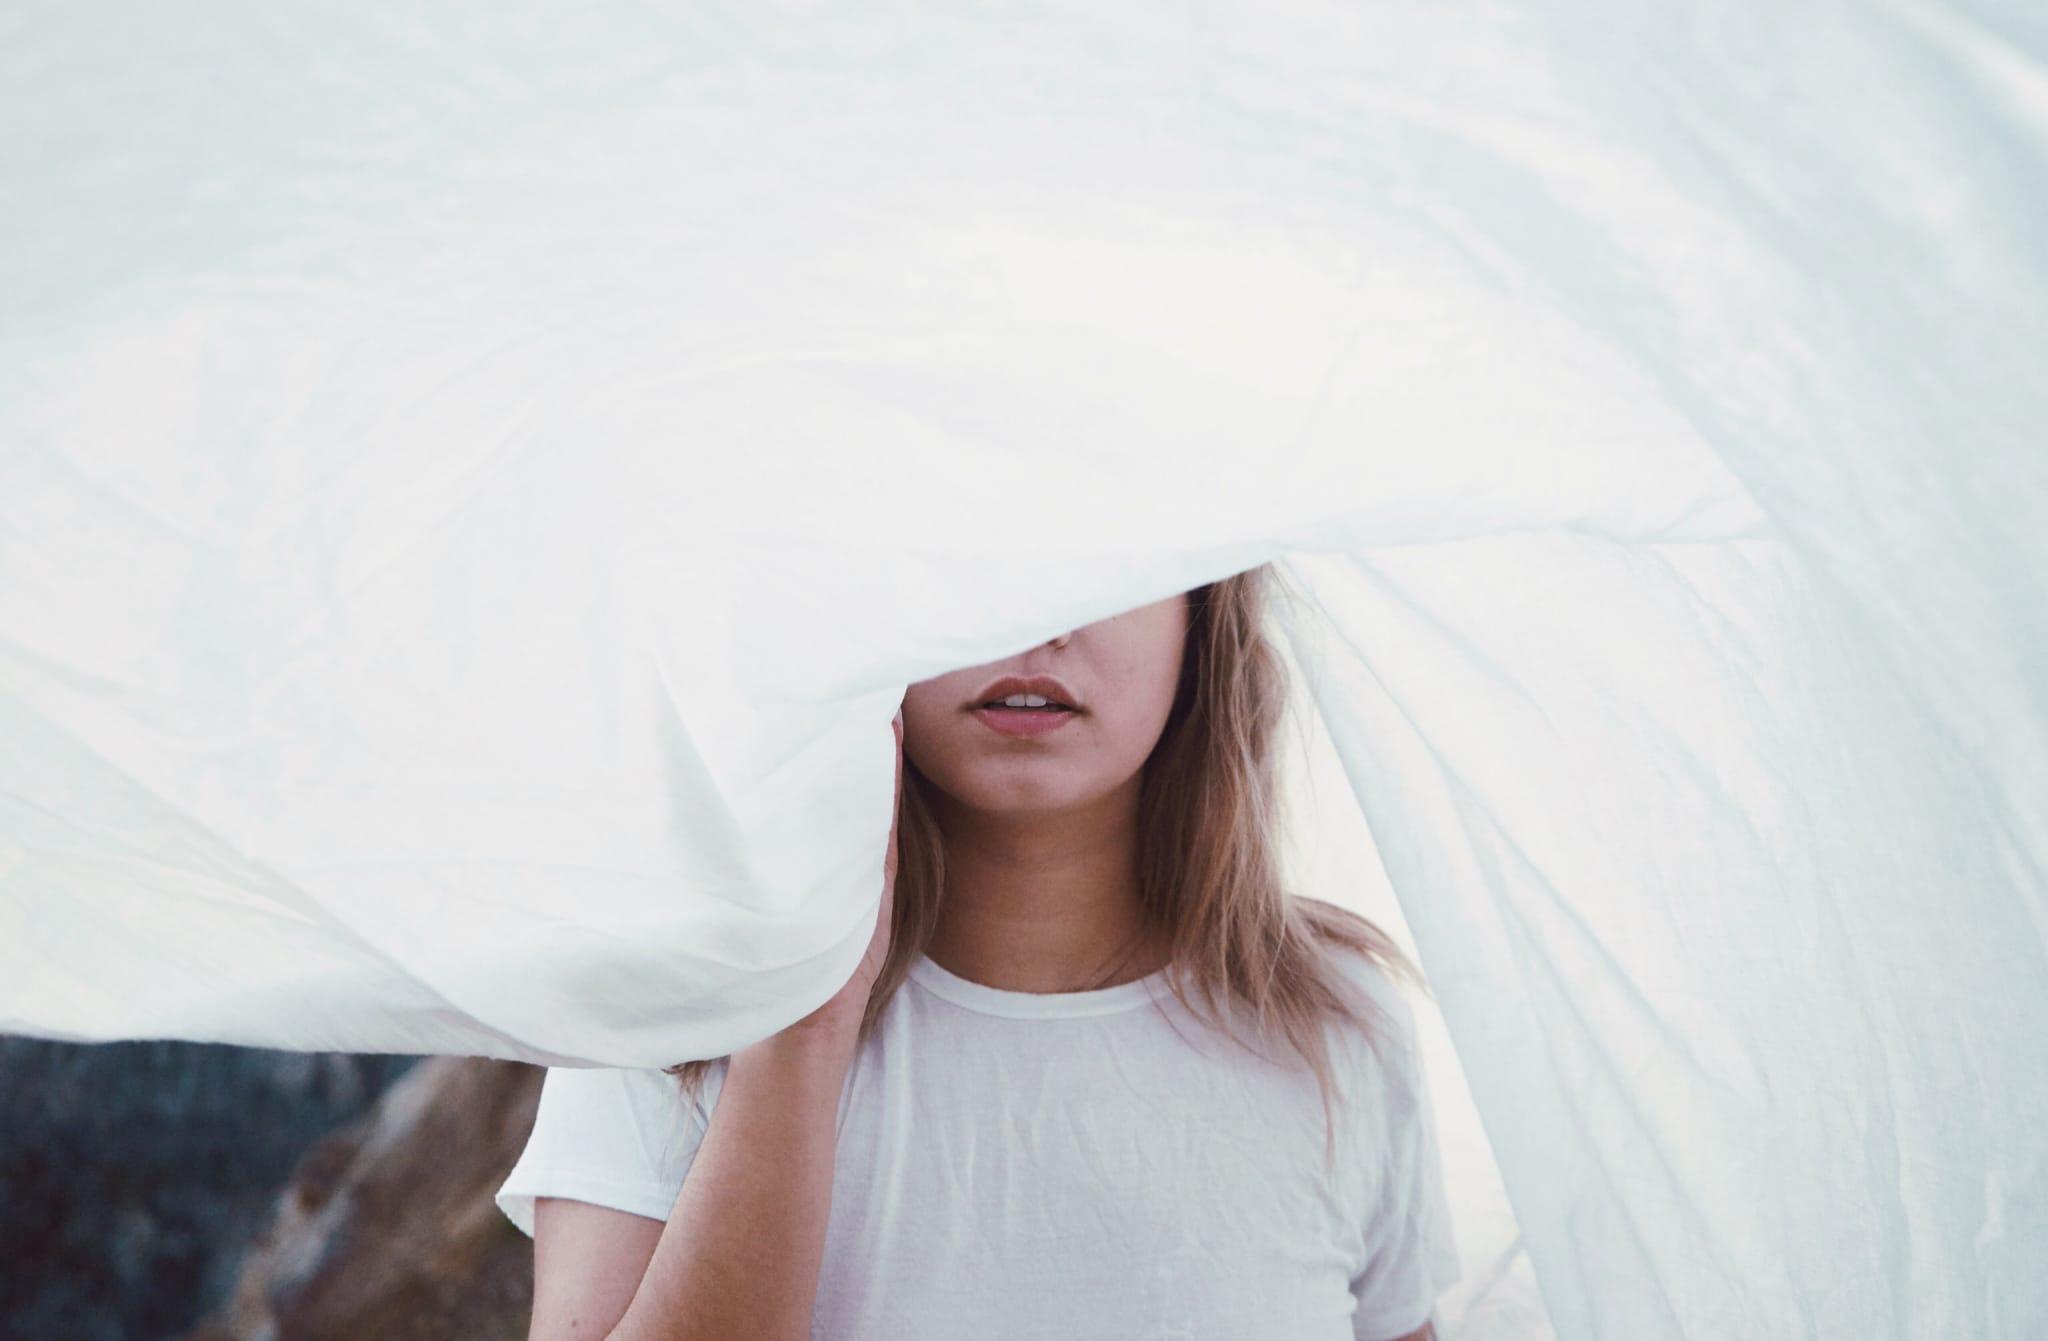 Mennyire vagy elégedett a külsőddel - teszt